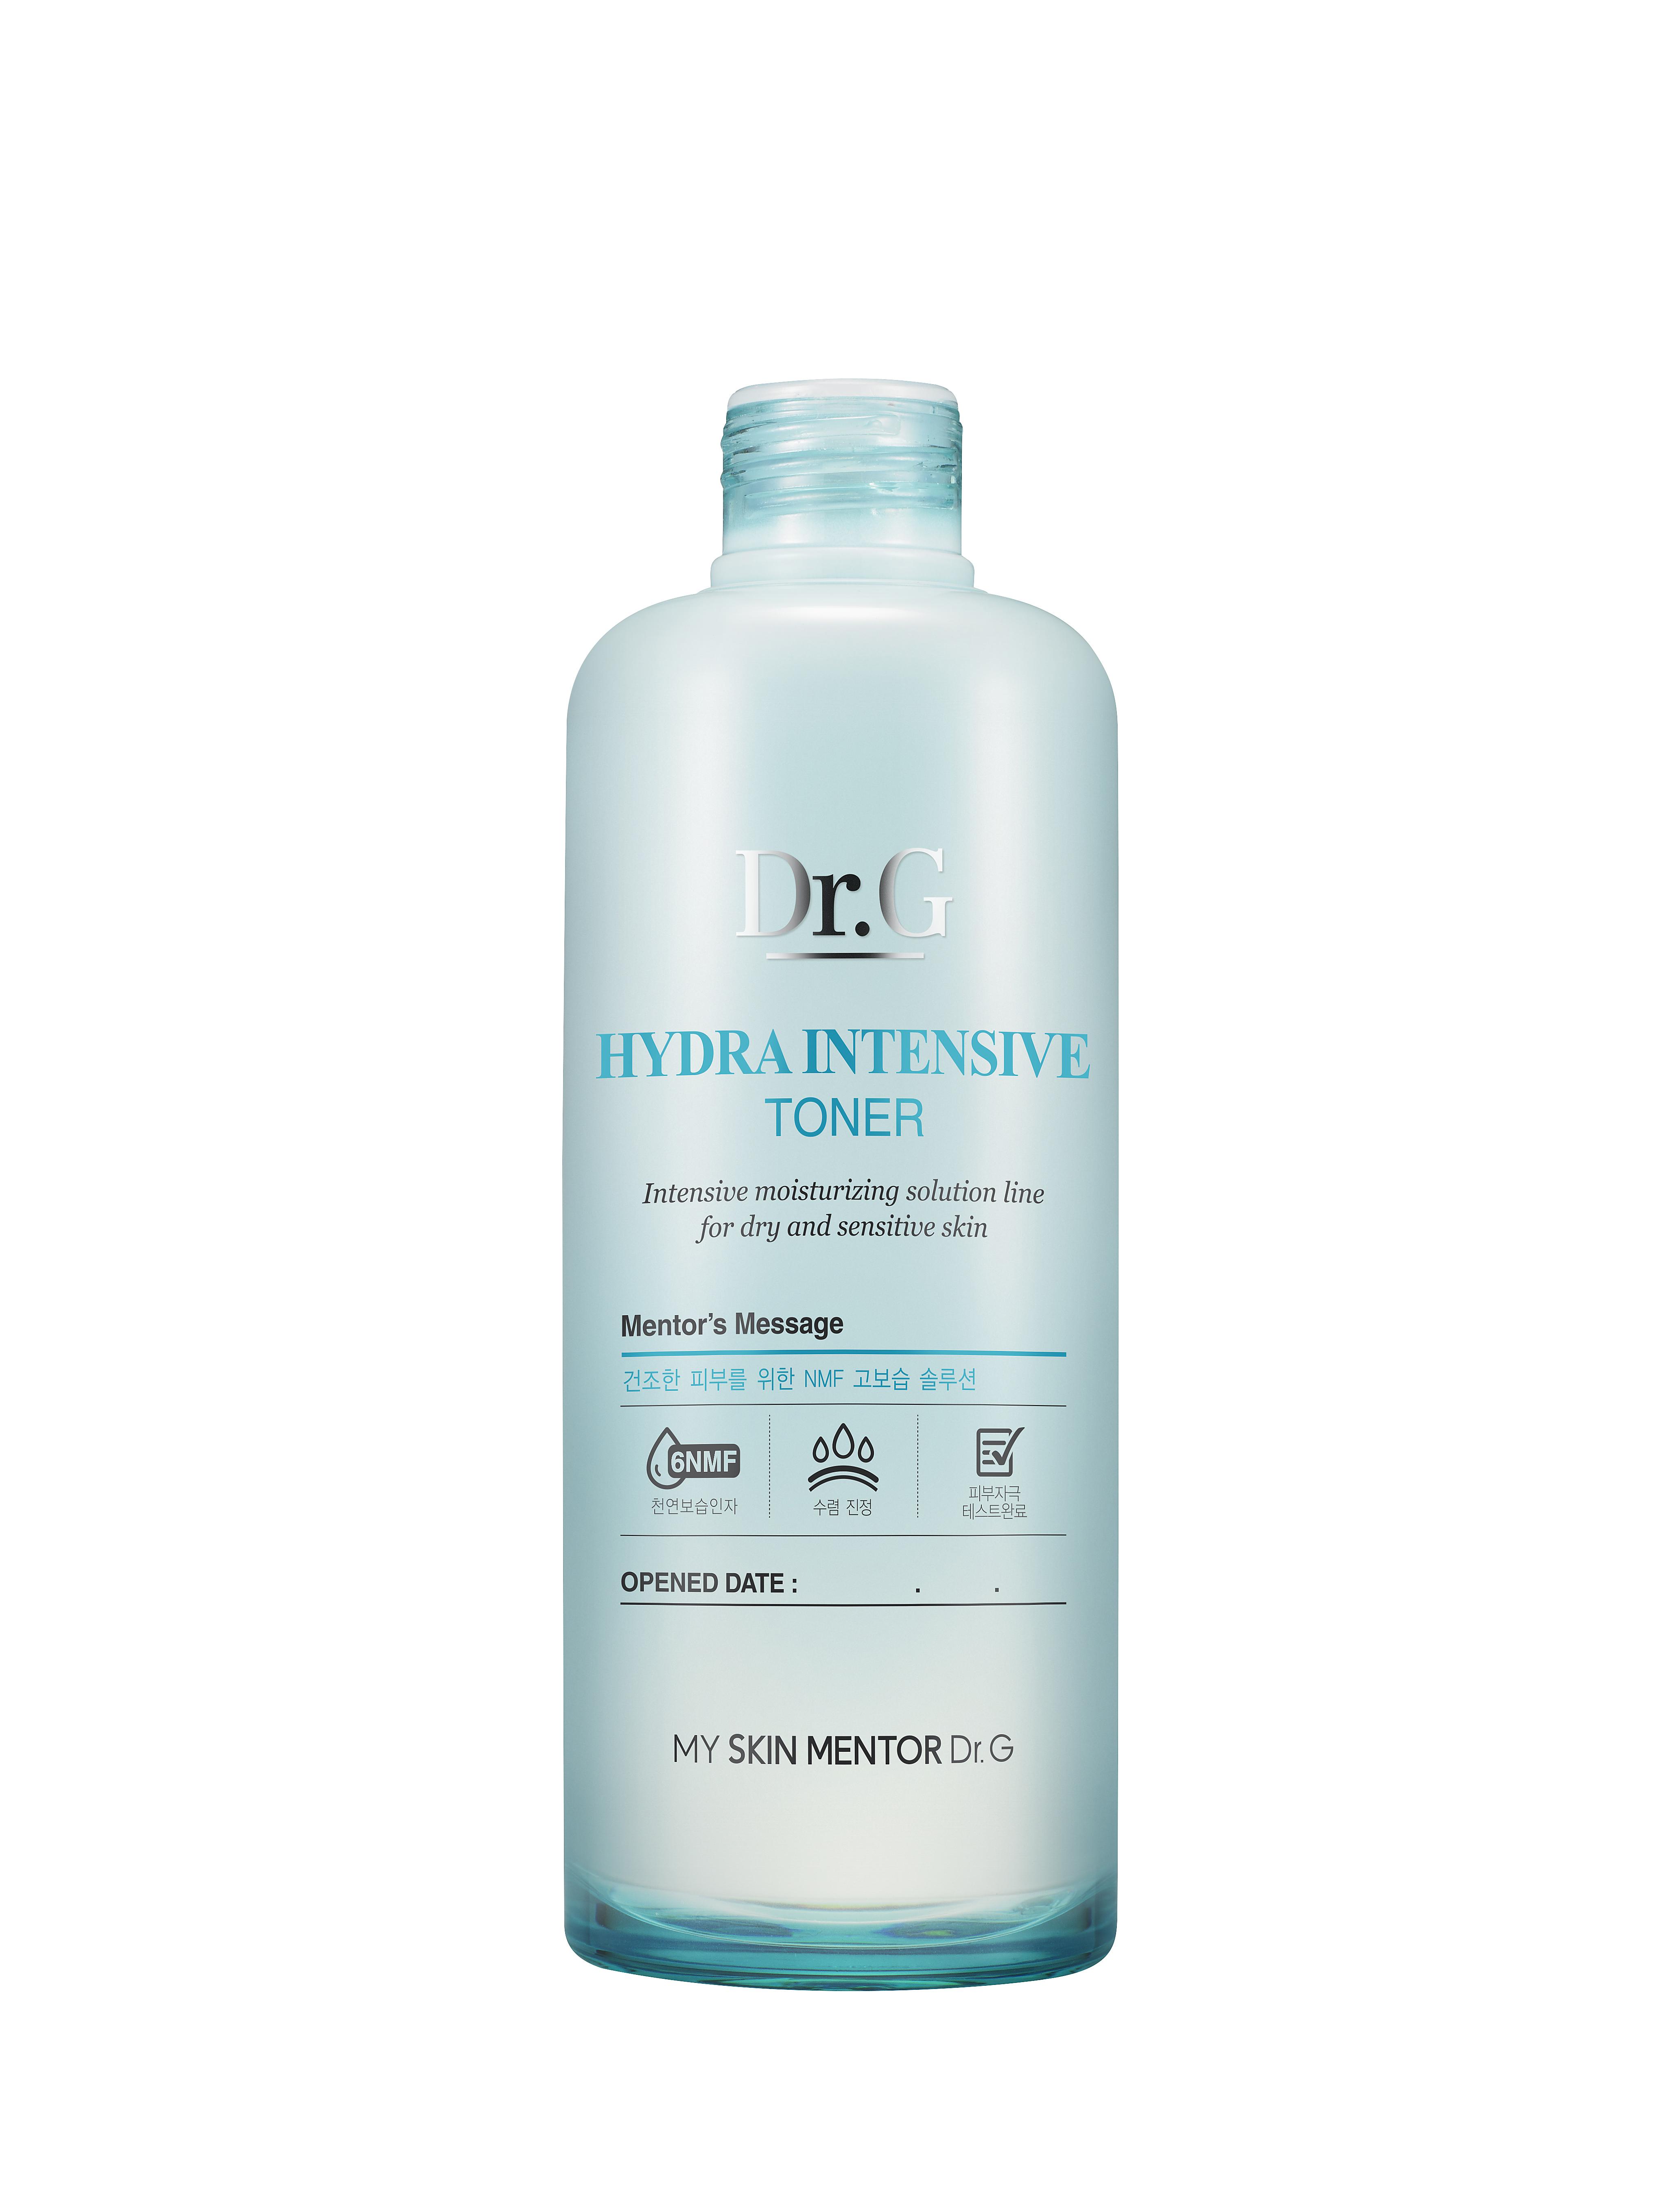 Dr. G Тоник очищающий увлажняющий Hydra, 170 млDG137336Интенсивно увлажняющий тоник эффективно очищает кожу от ежедневных загрязнений. Не нарушает водный баланс кожи и способствует глубокому увлажнению и питанию, благодаря керамидам и гиалуроновой кислоте в составе. Устраняет шелушение, стянутость и обезвоженность, усиливает регенерацию.